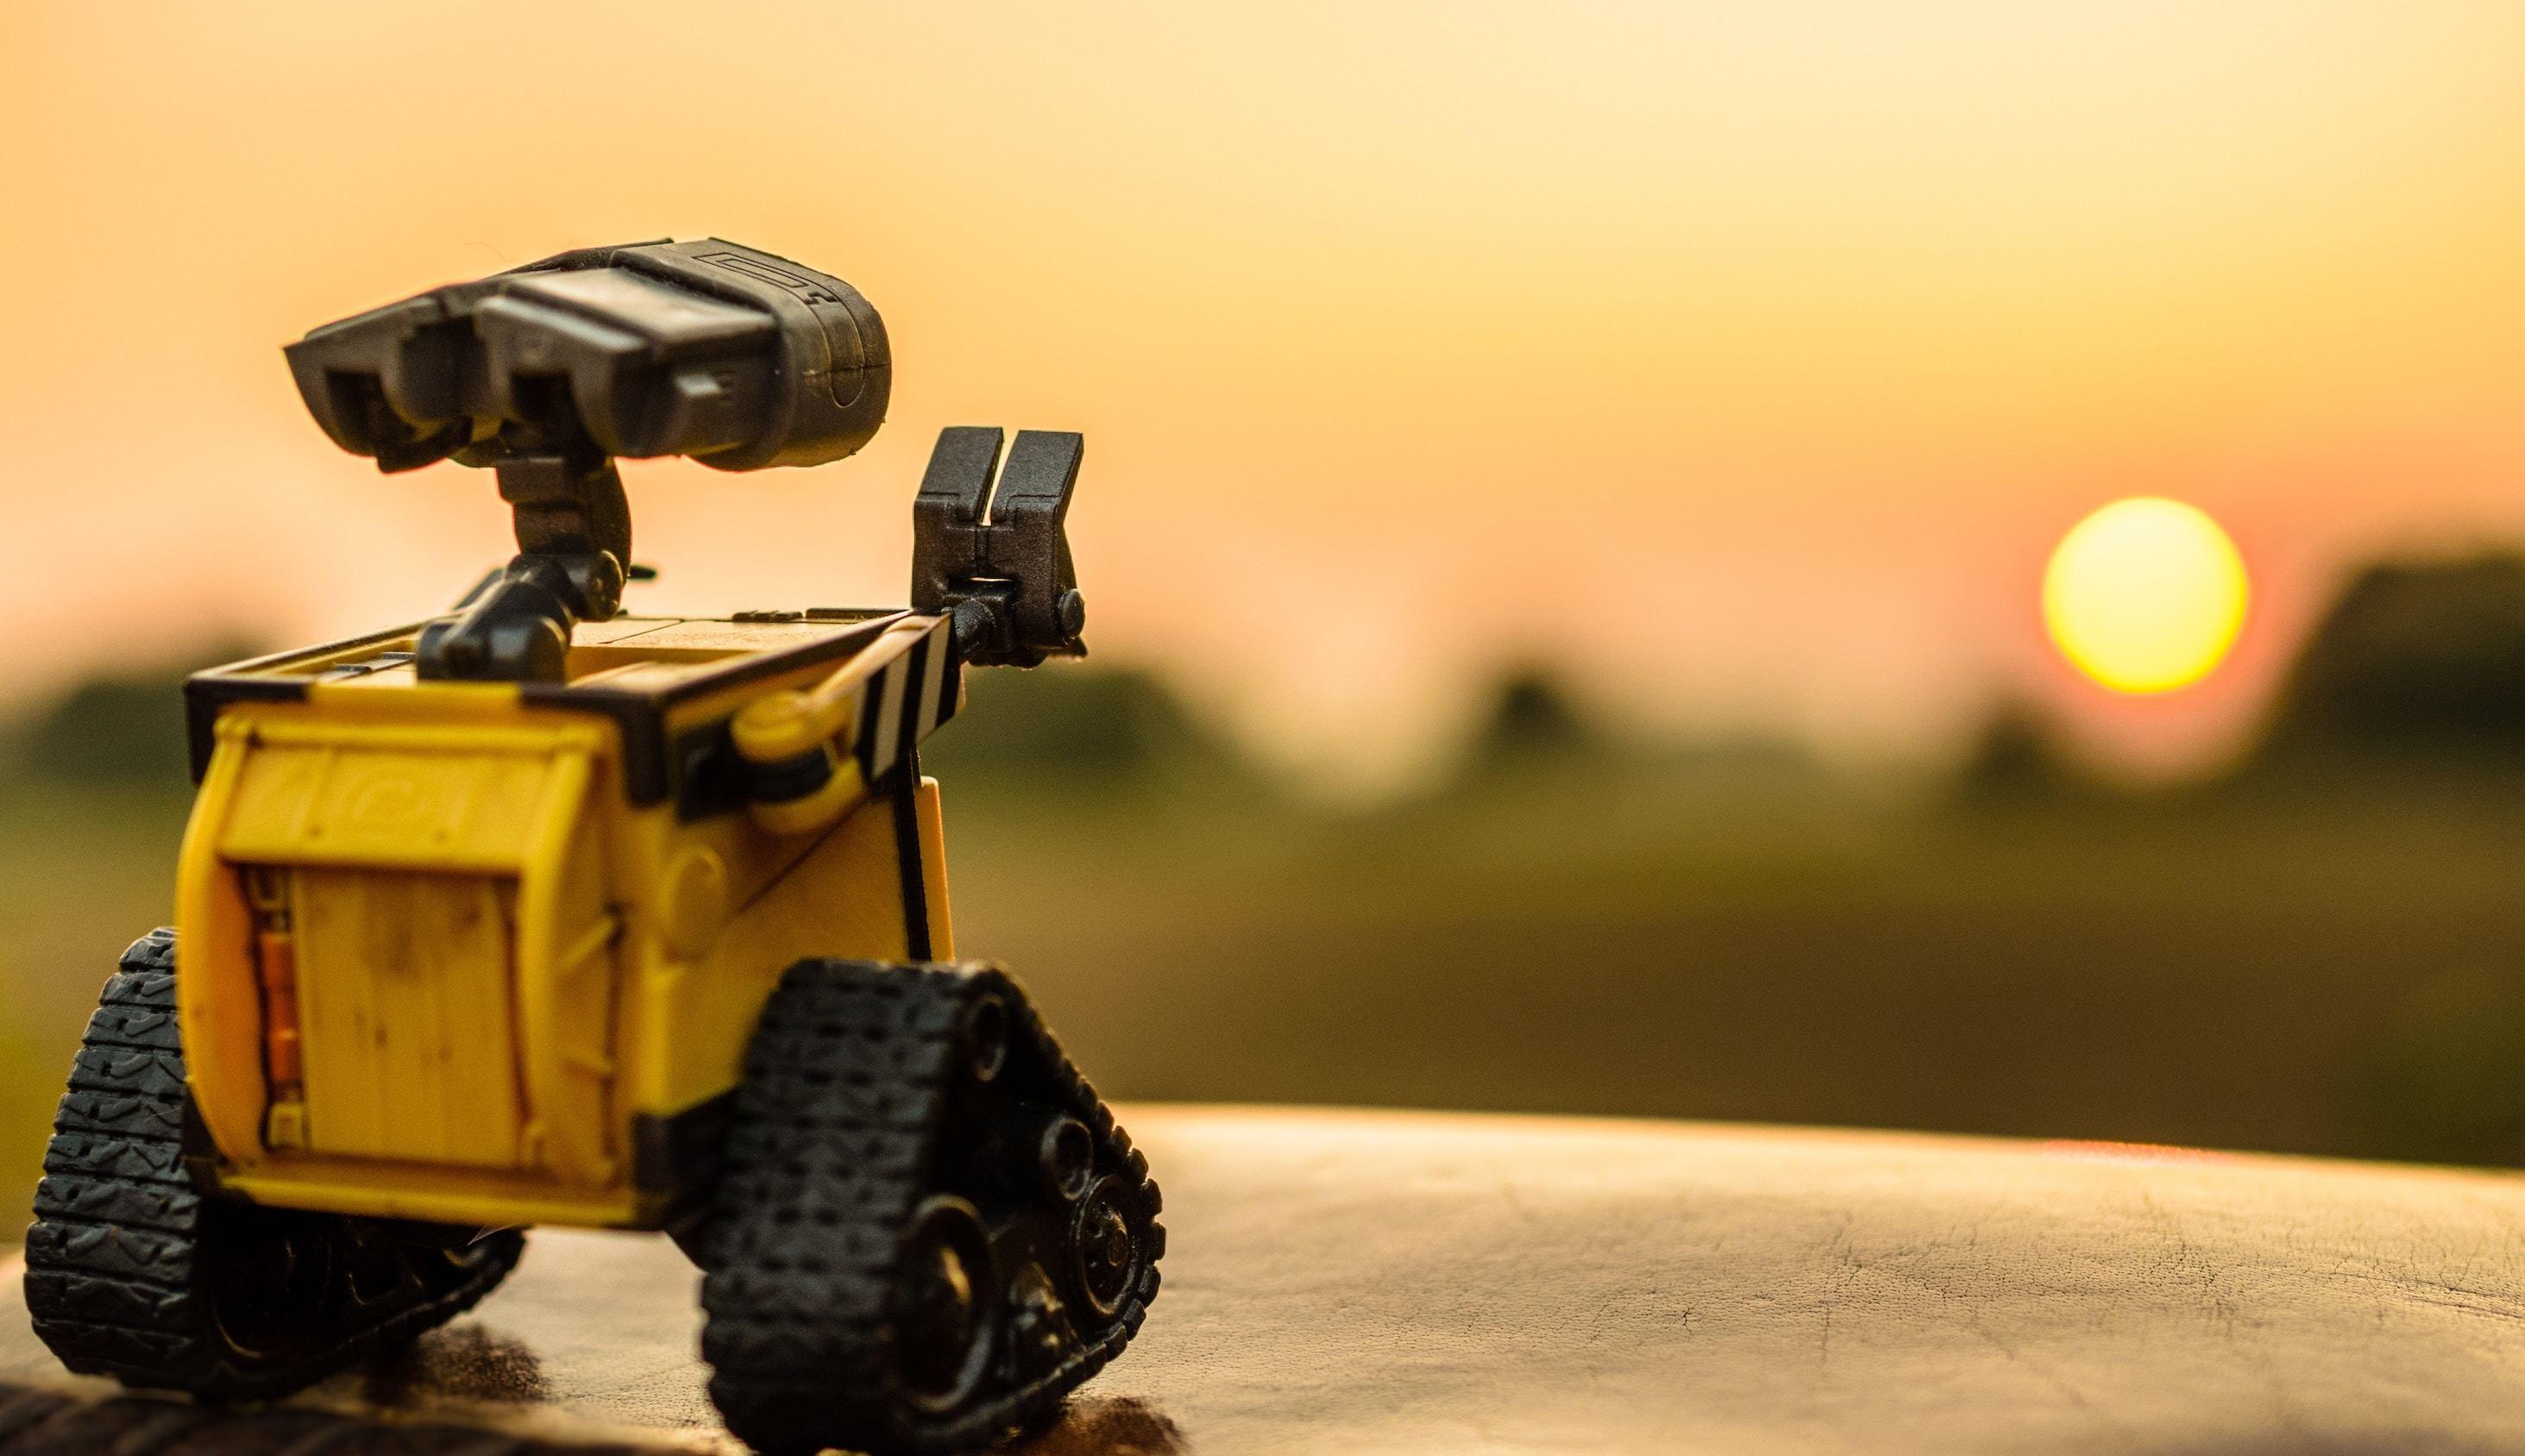 Robot staring at sunset